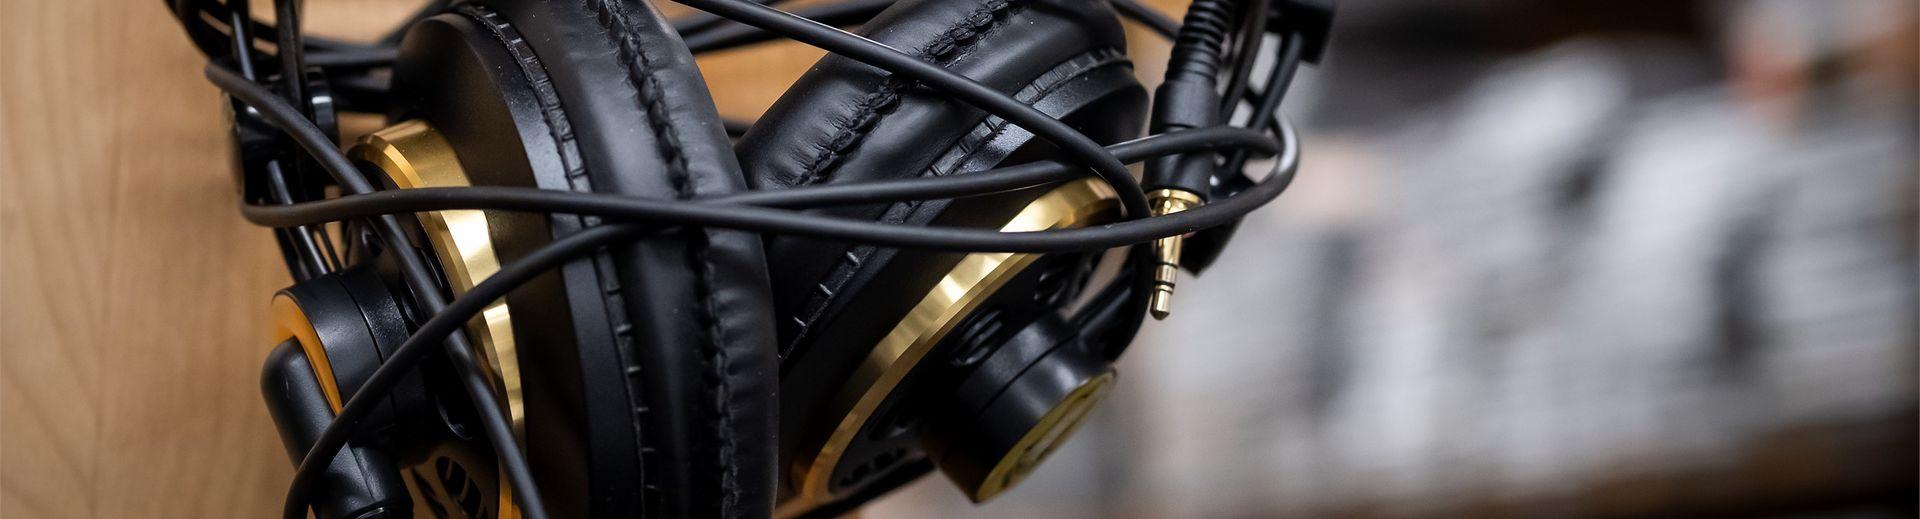 A pair of headphones hangs on a hook.